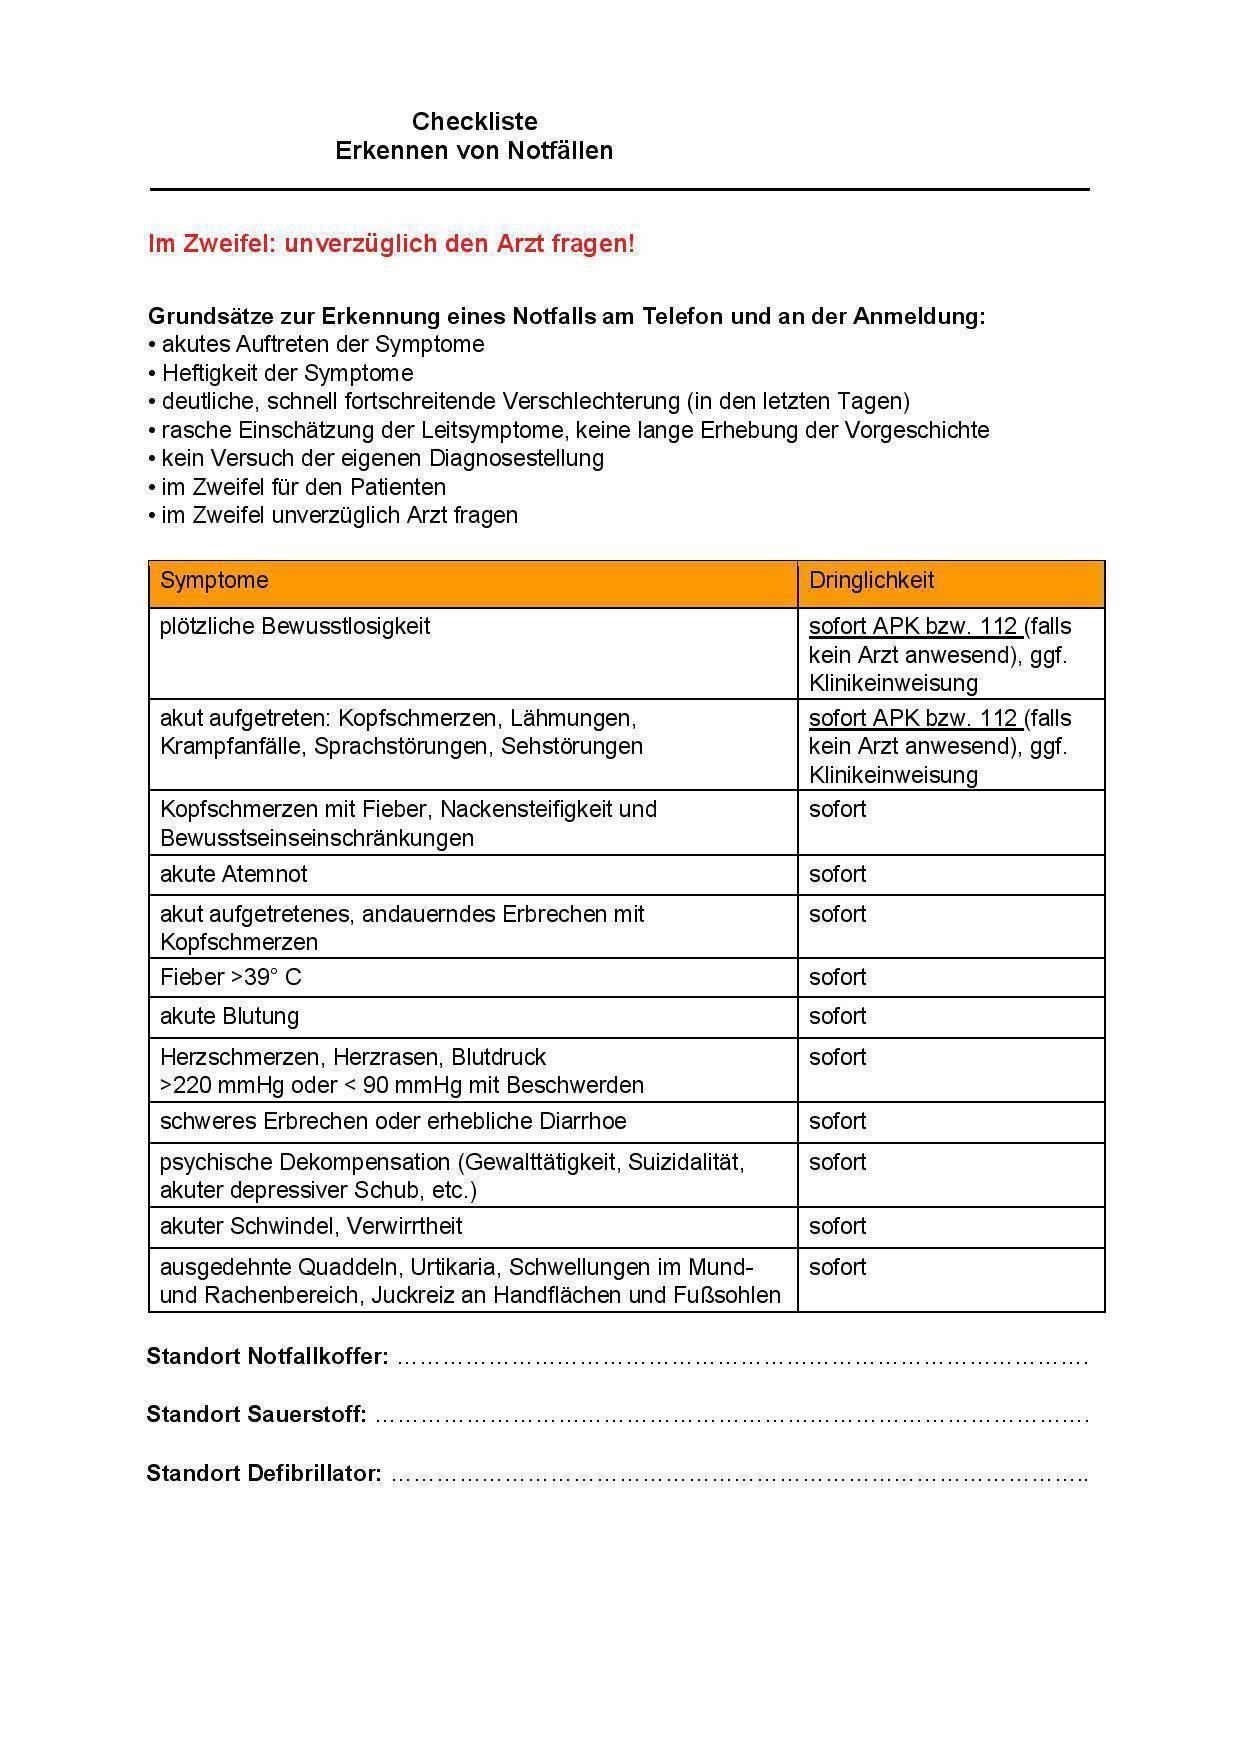 Checkliste Notfälle am Telefon und Anmeldung erkennen